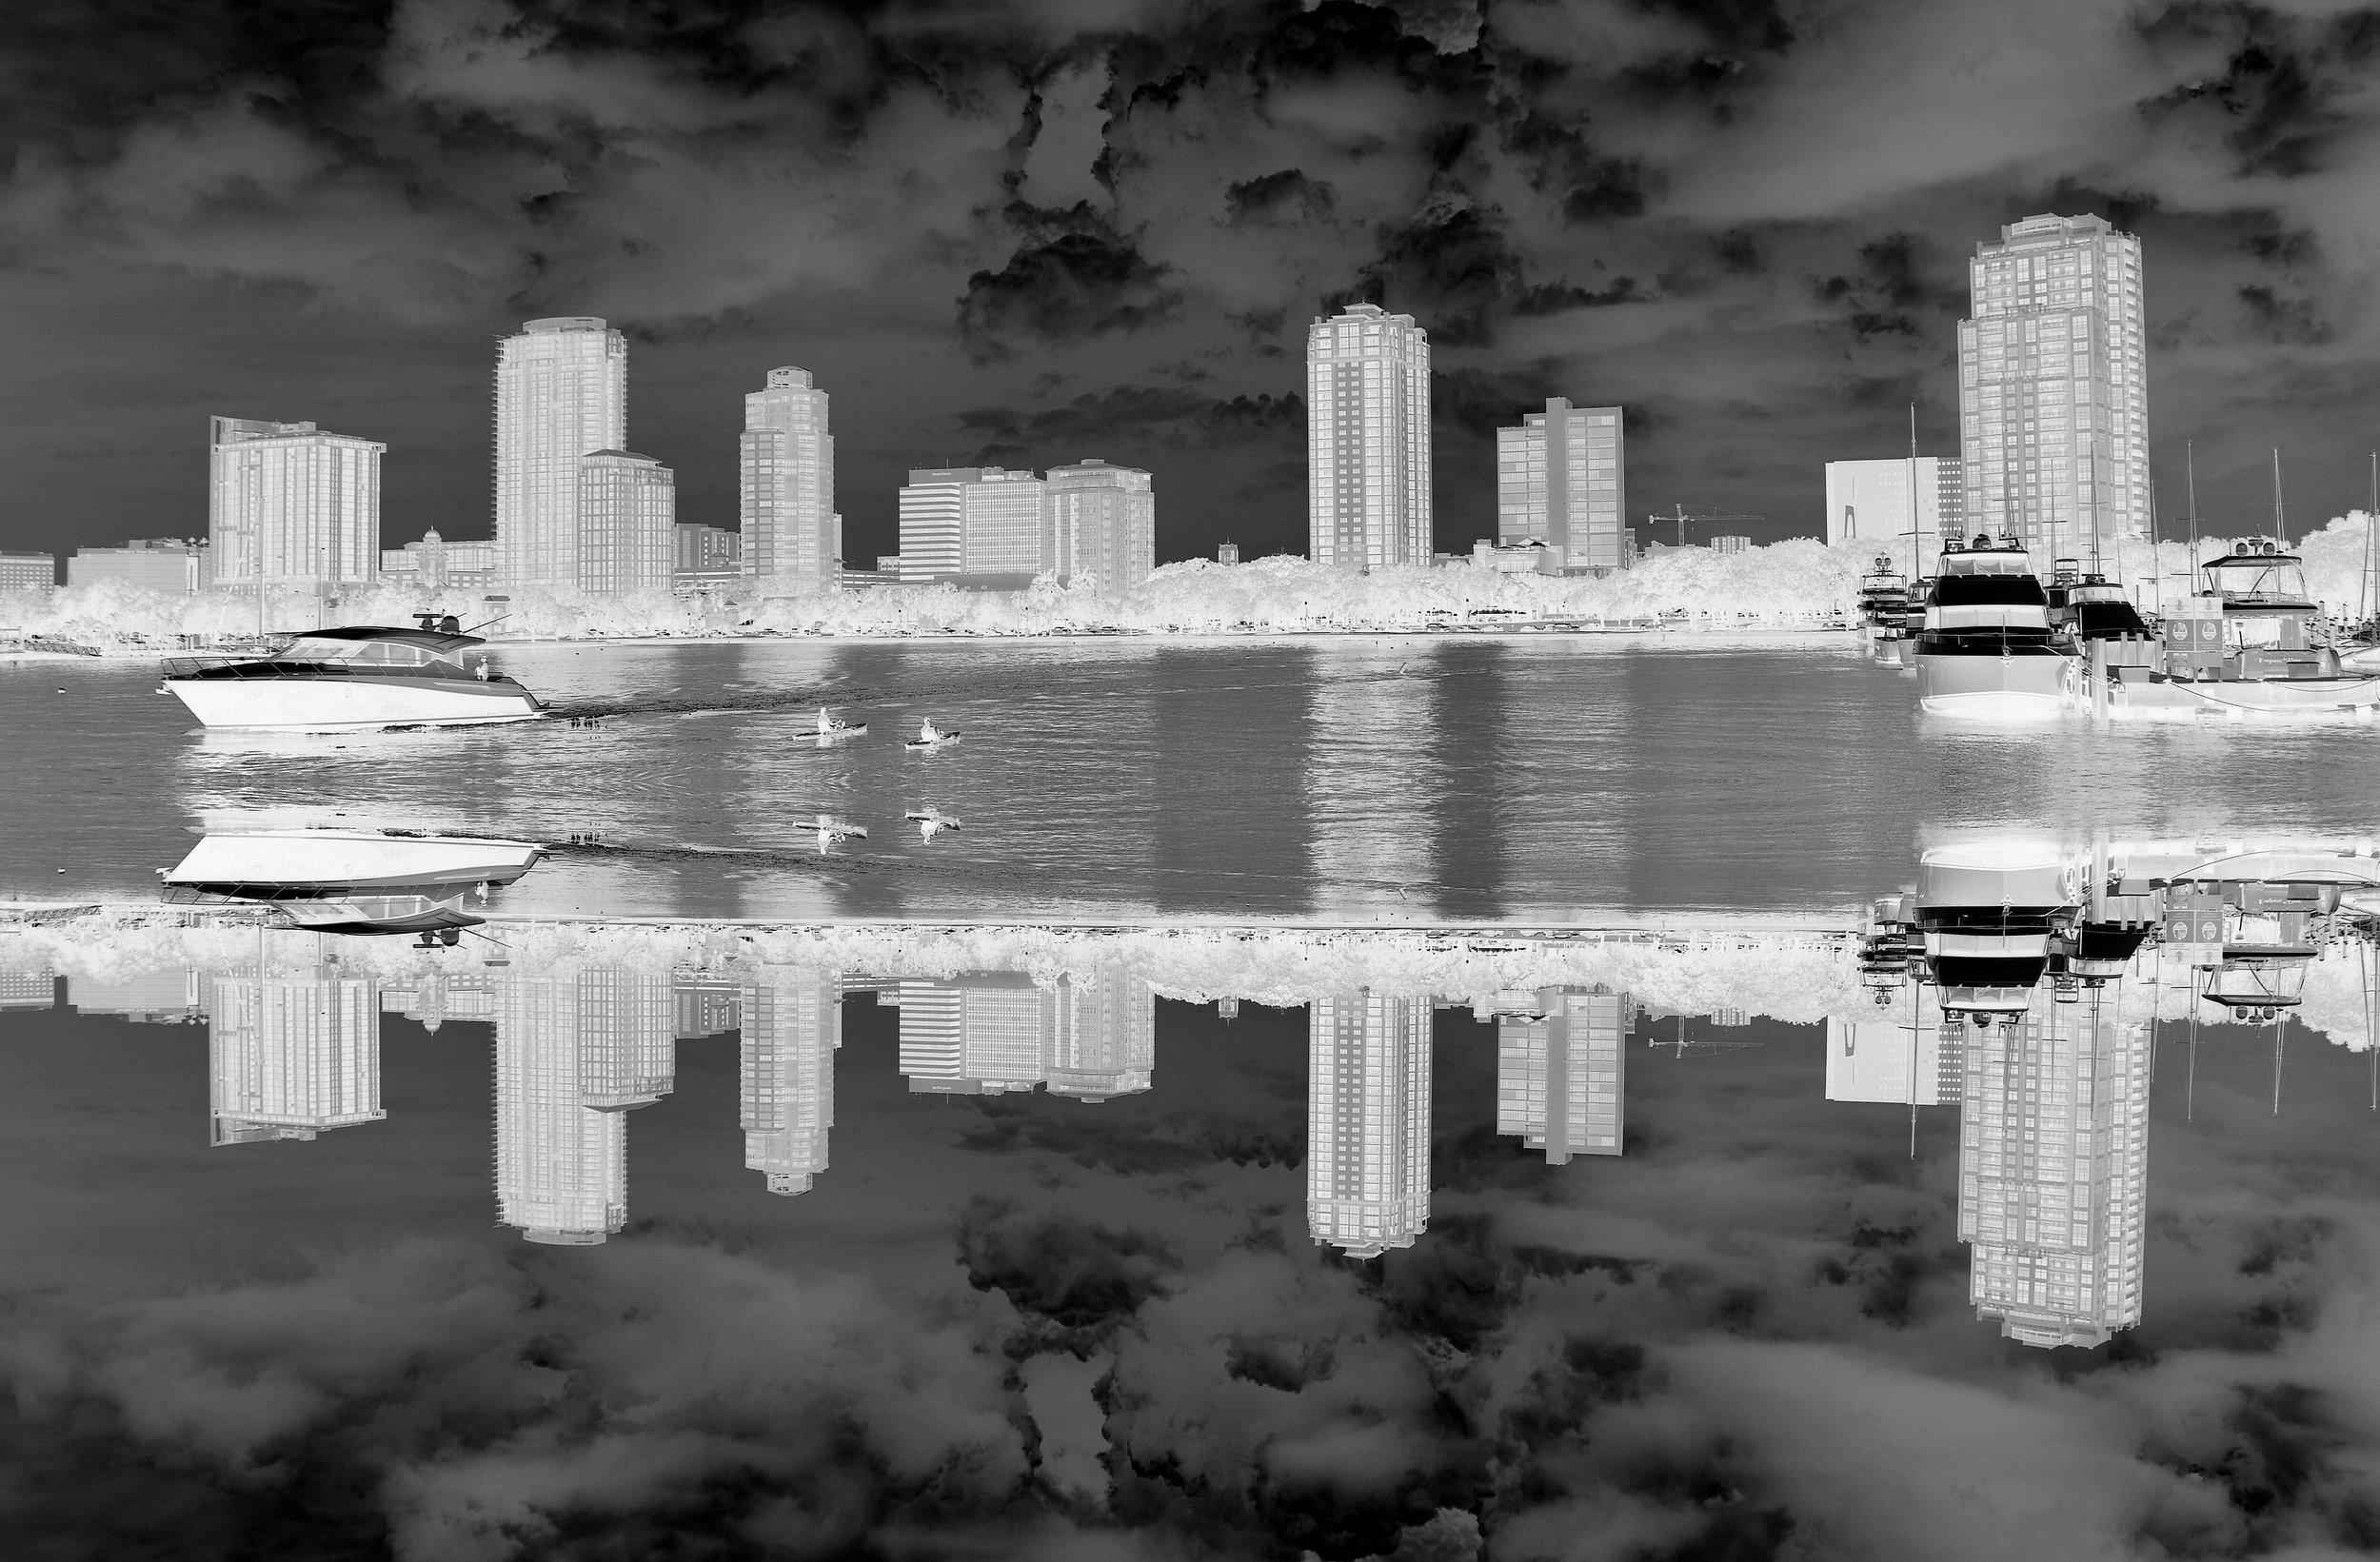 Vinoy Basin Reflection